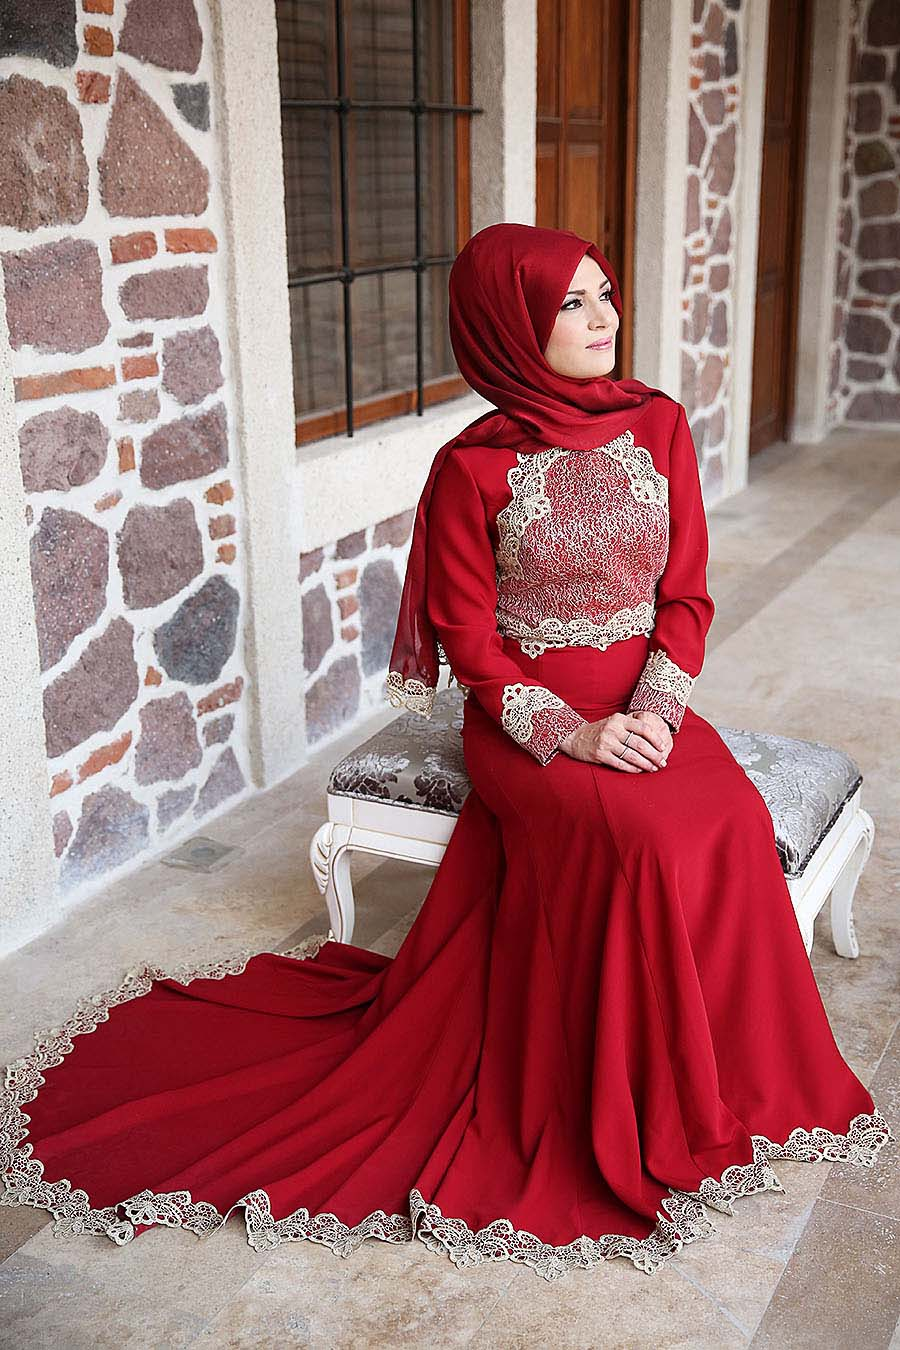 بالصور فساتين سهرة حمراء , شاهد شياكة الفستان الاحمر 10986